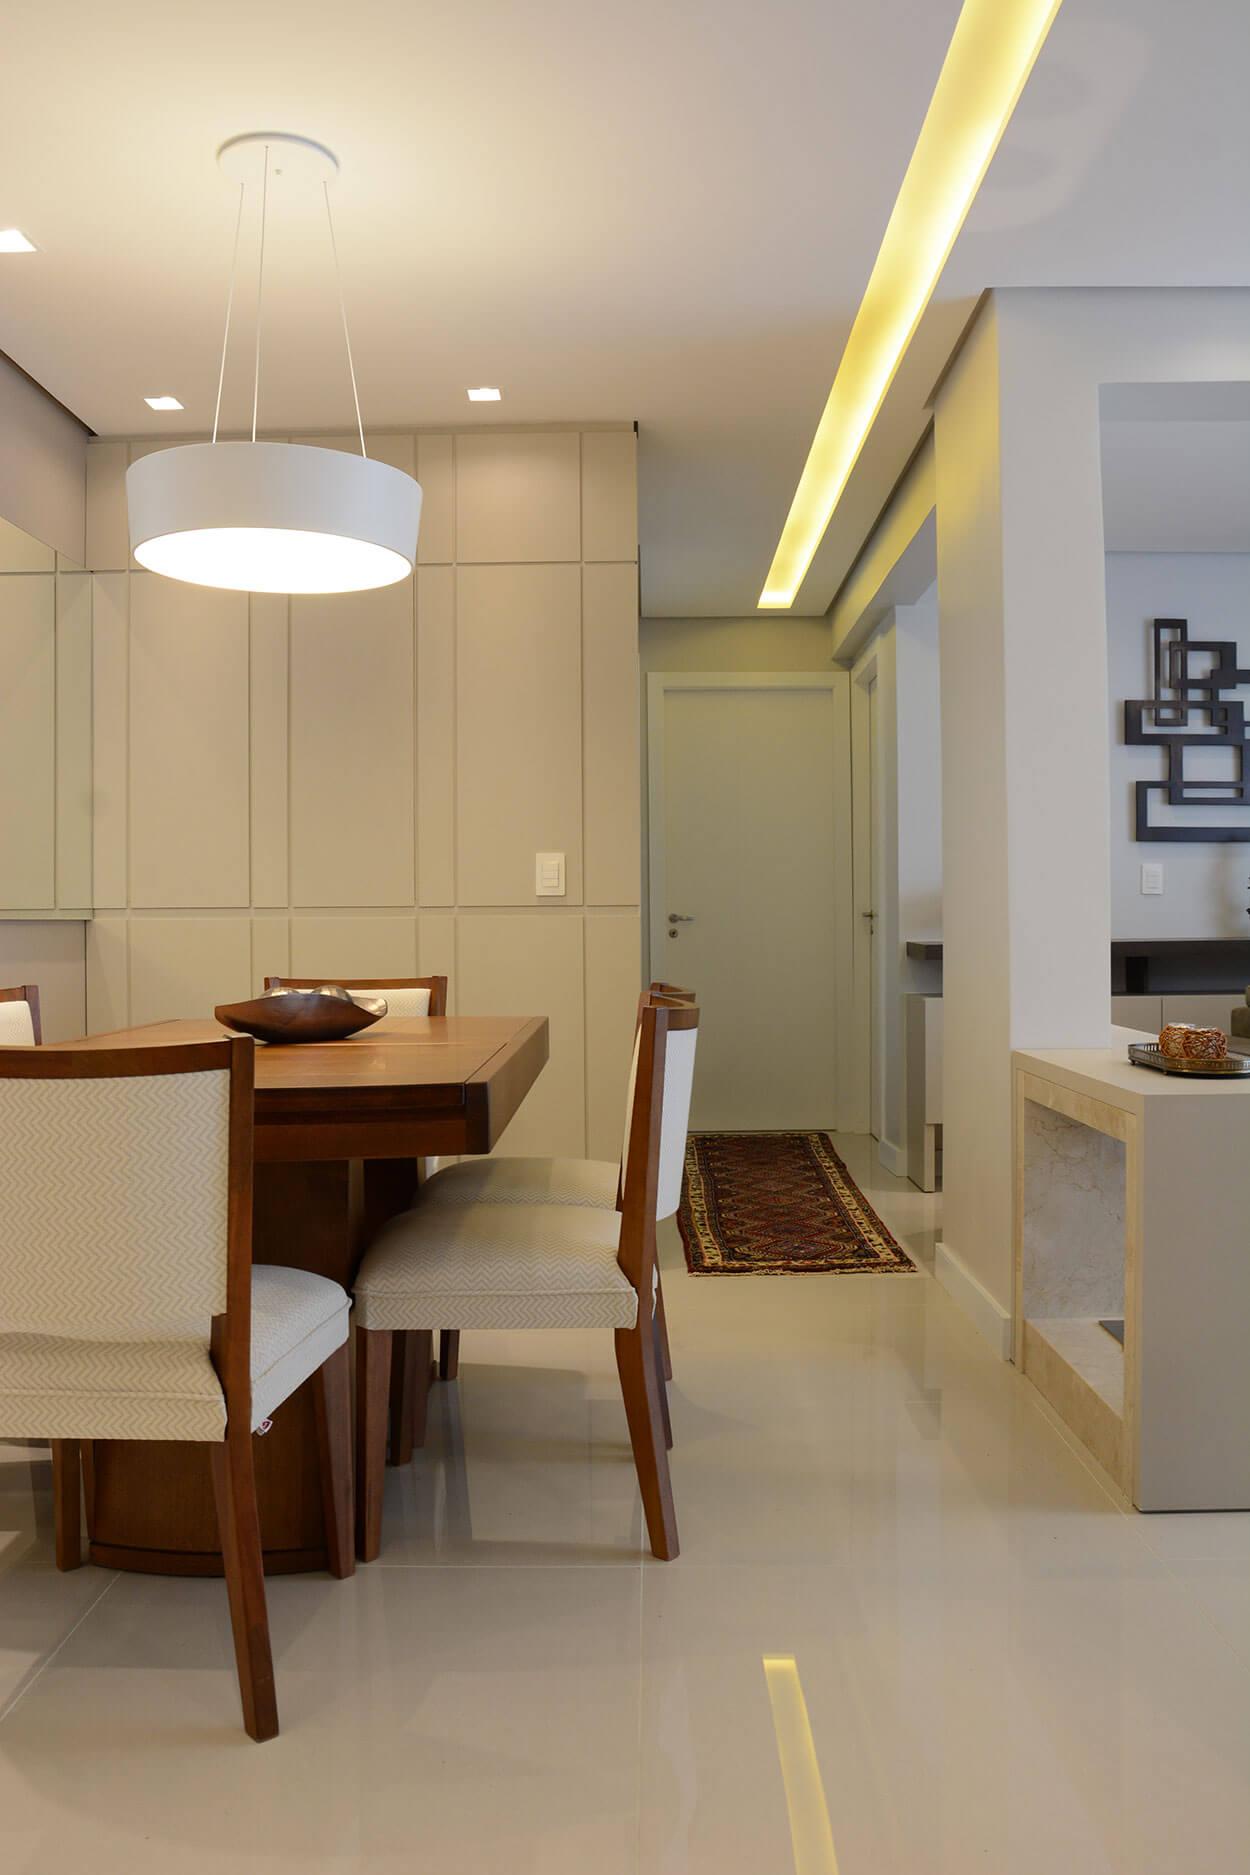 O rasgo na sanca de gesso percorre todo o corredor do apartamento